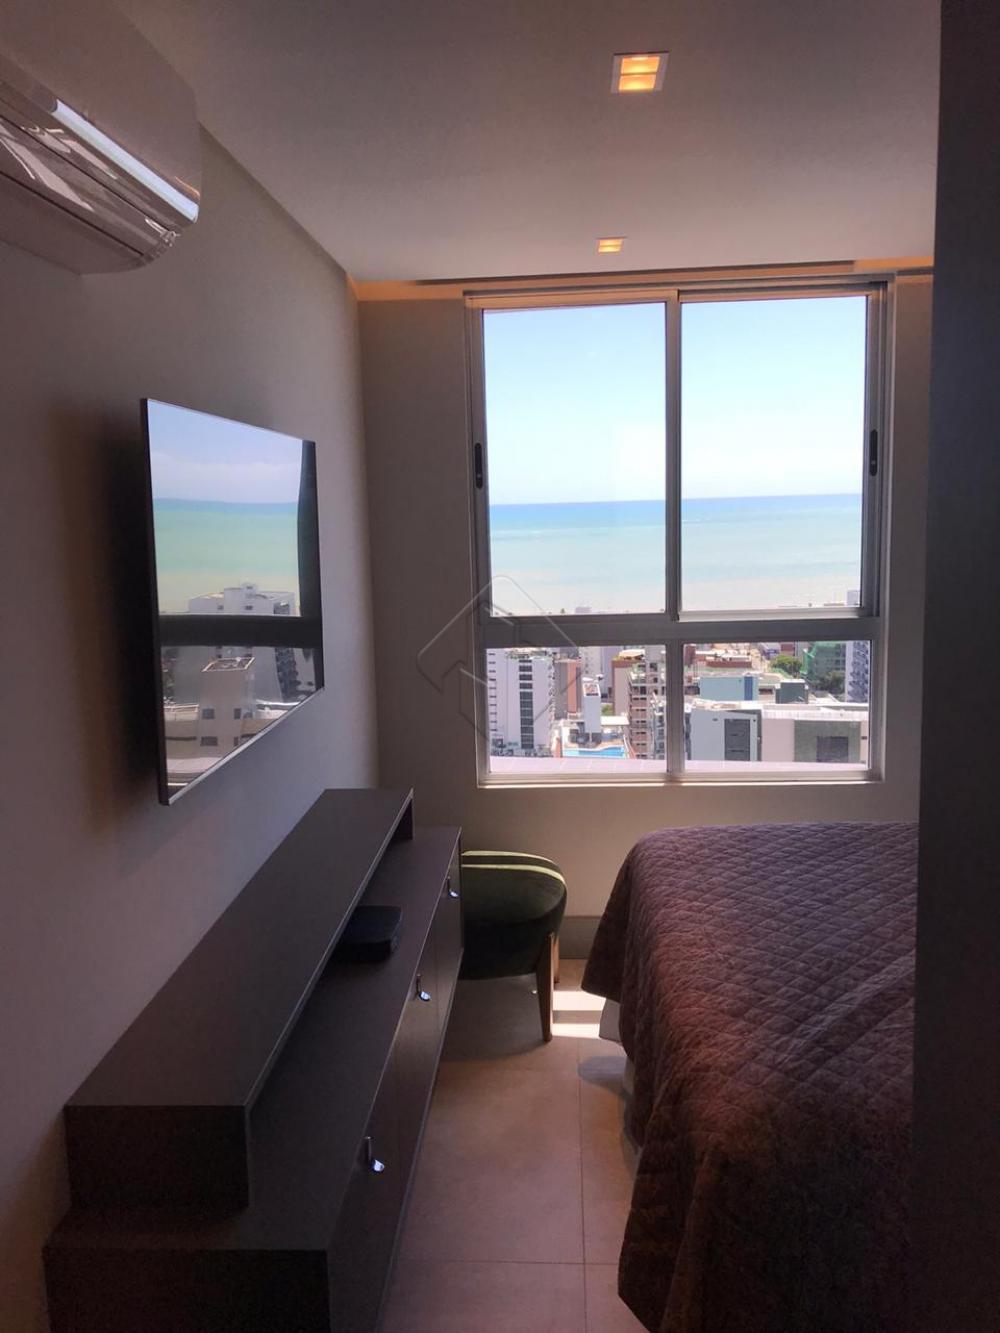 Comprar Apartamento / Padrão em João Pessoa apenas R$ 880.000,00 - Foto 3